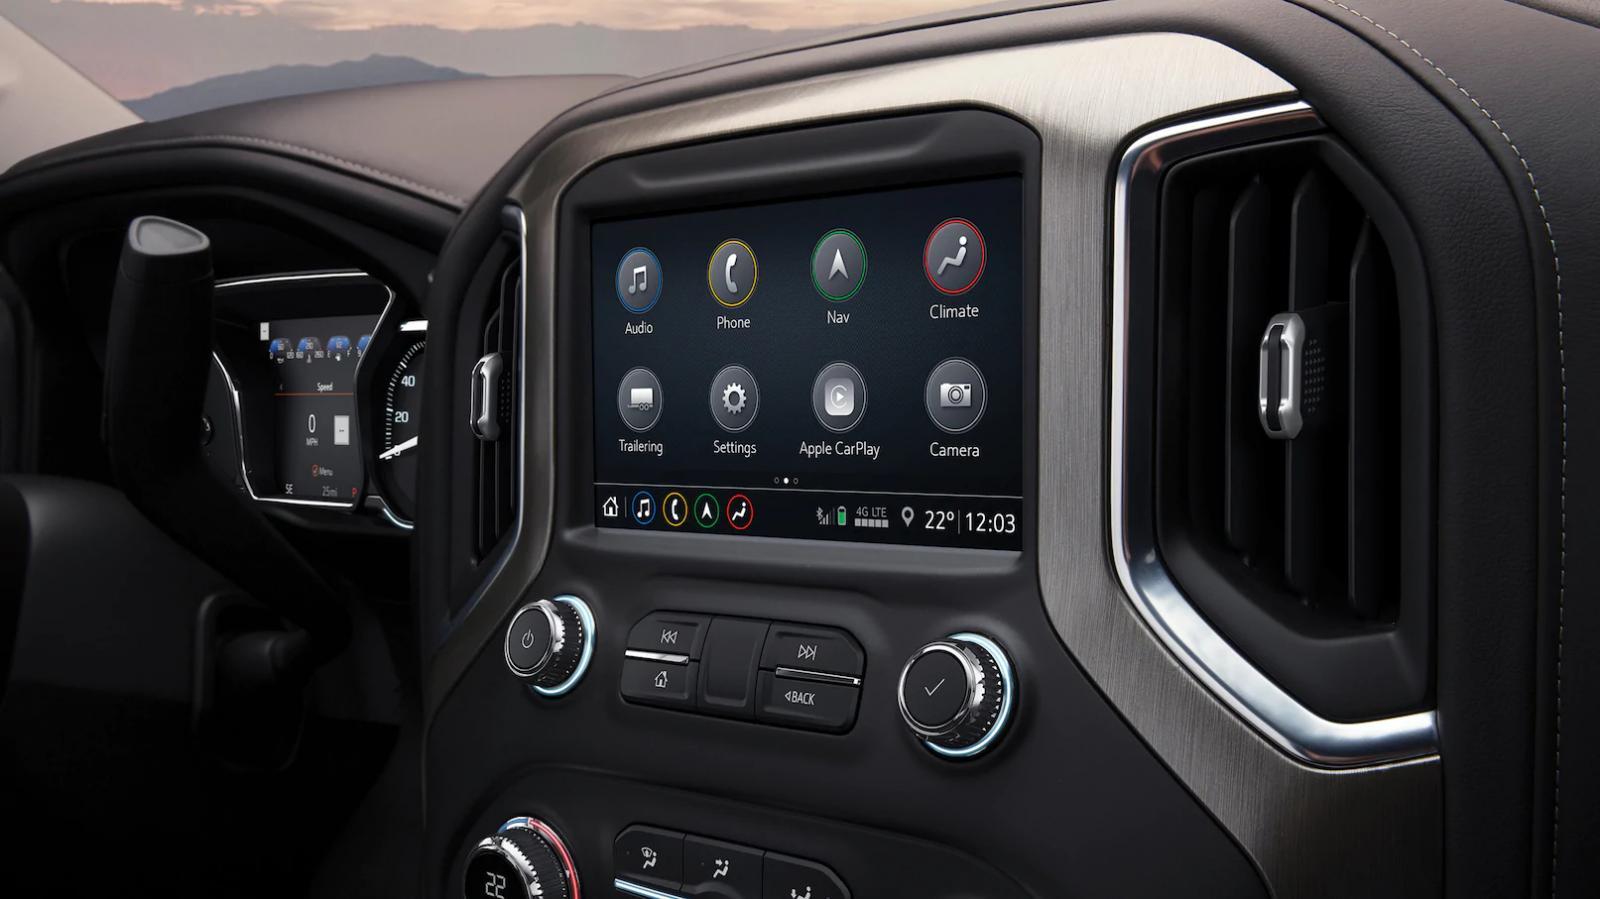 La GMC Sierra AT4 2020 marcha con buen nivel de equipamiento tecnológico